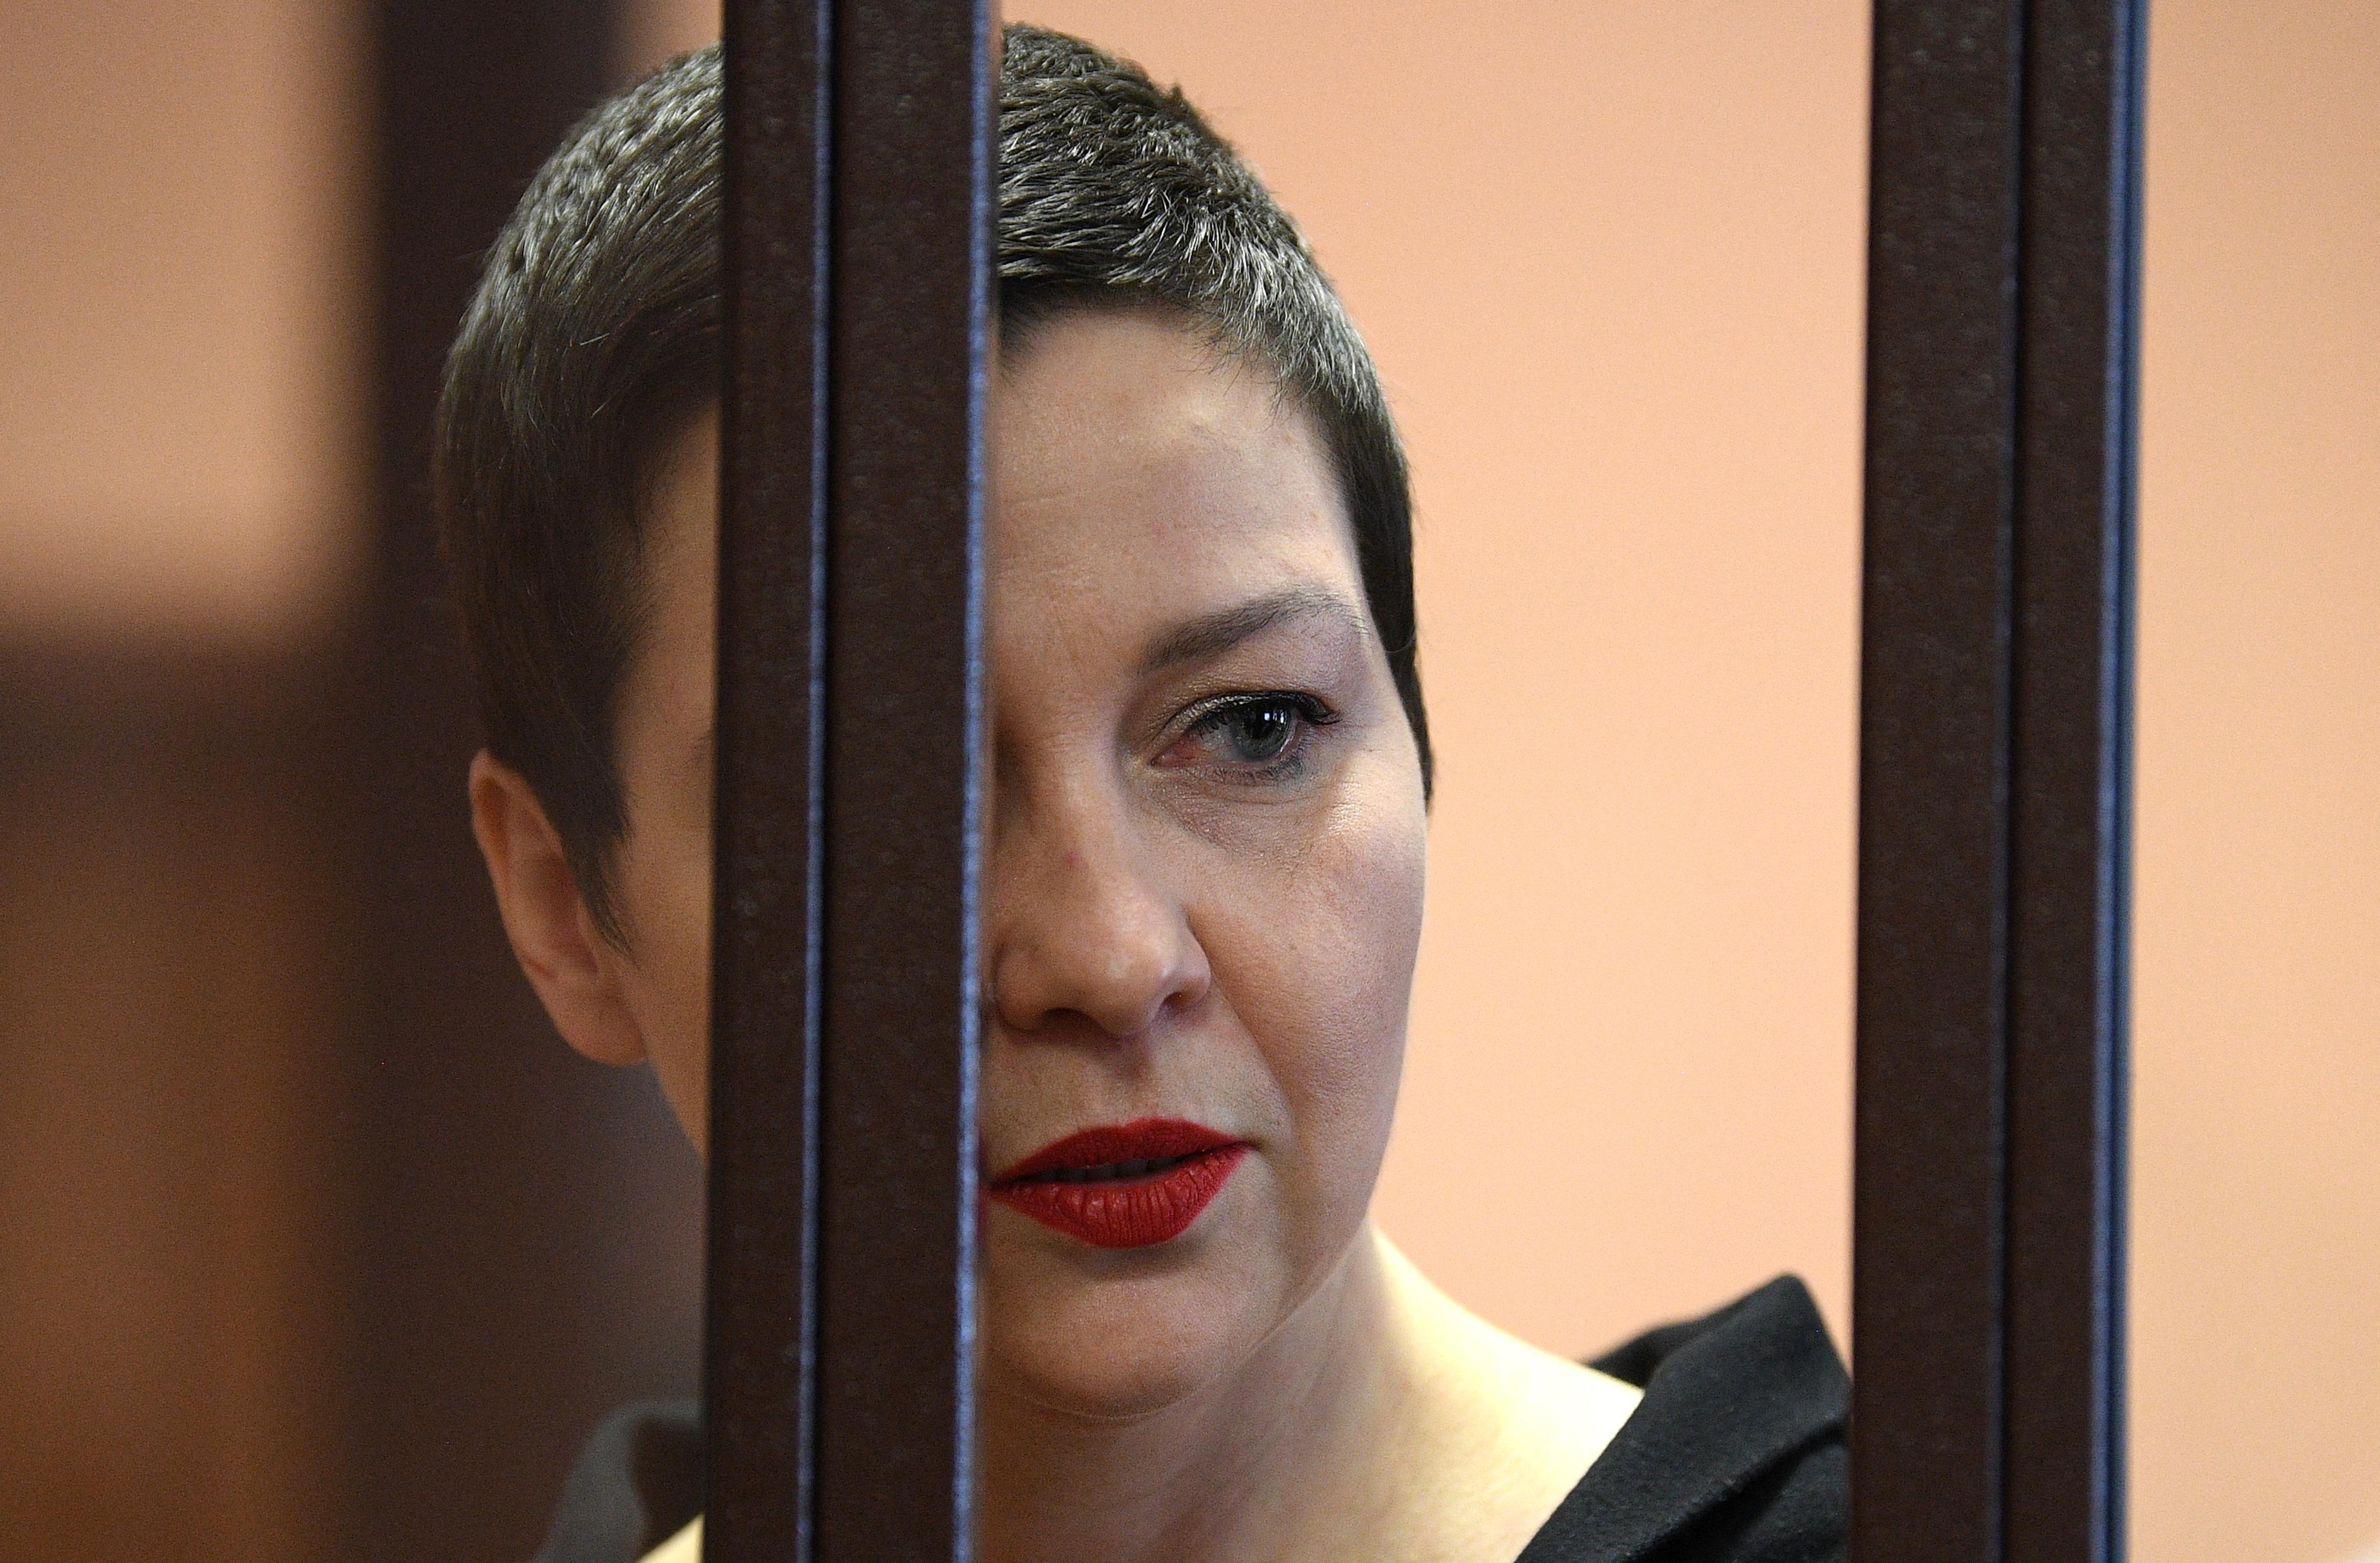 Tizenegy év börtönre ítélték Marija Kalesznyikava fehérorosz ellenzéki vezetőt